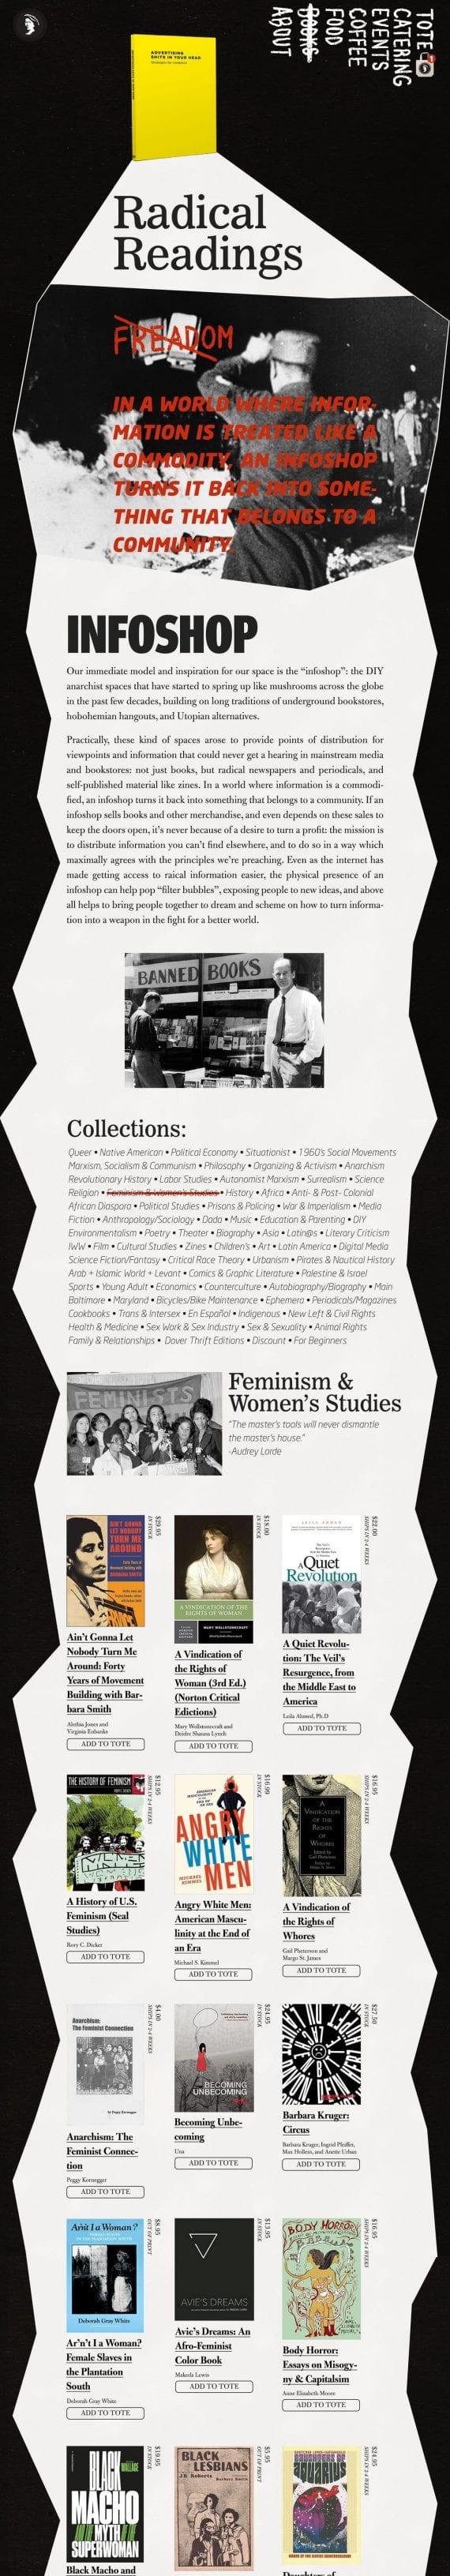 Red Emma's website redesign mock-up for infoshop.